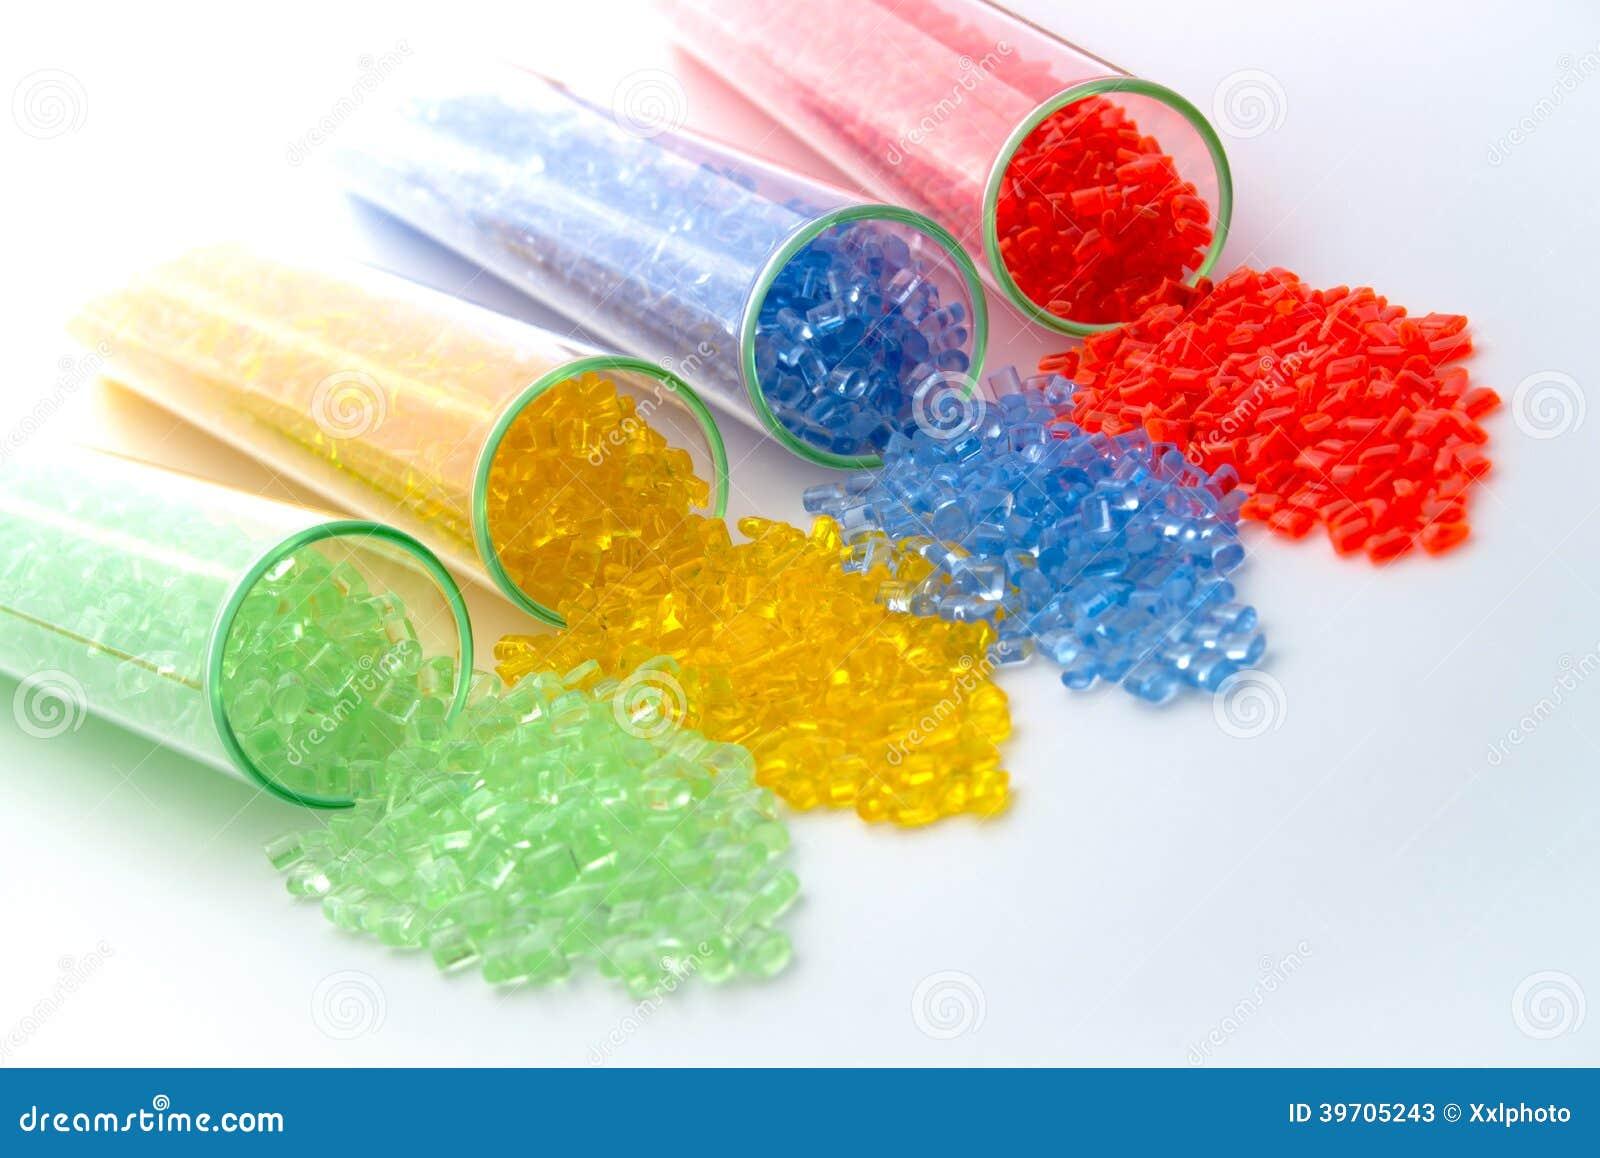 Το διαφανές πλαστικό κοκκοποιεί